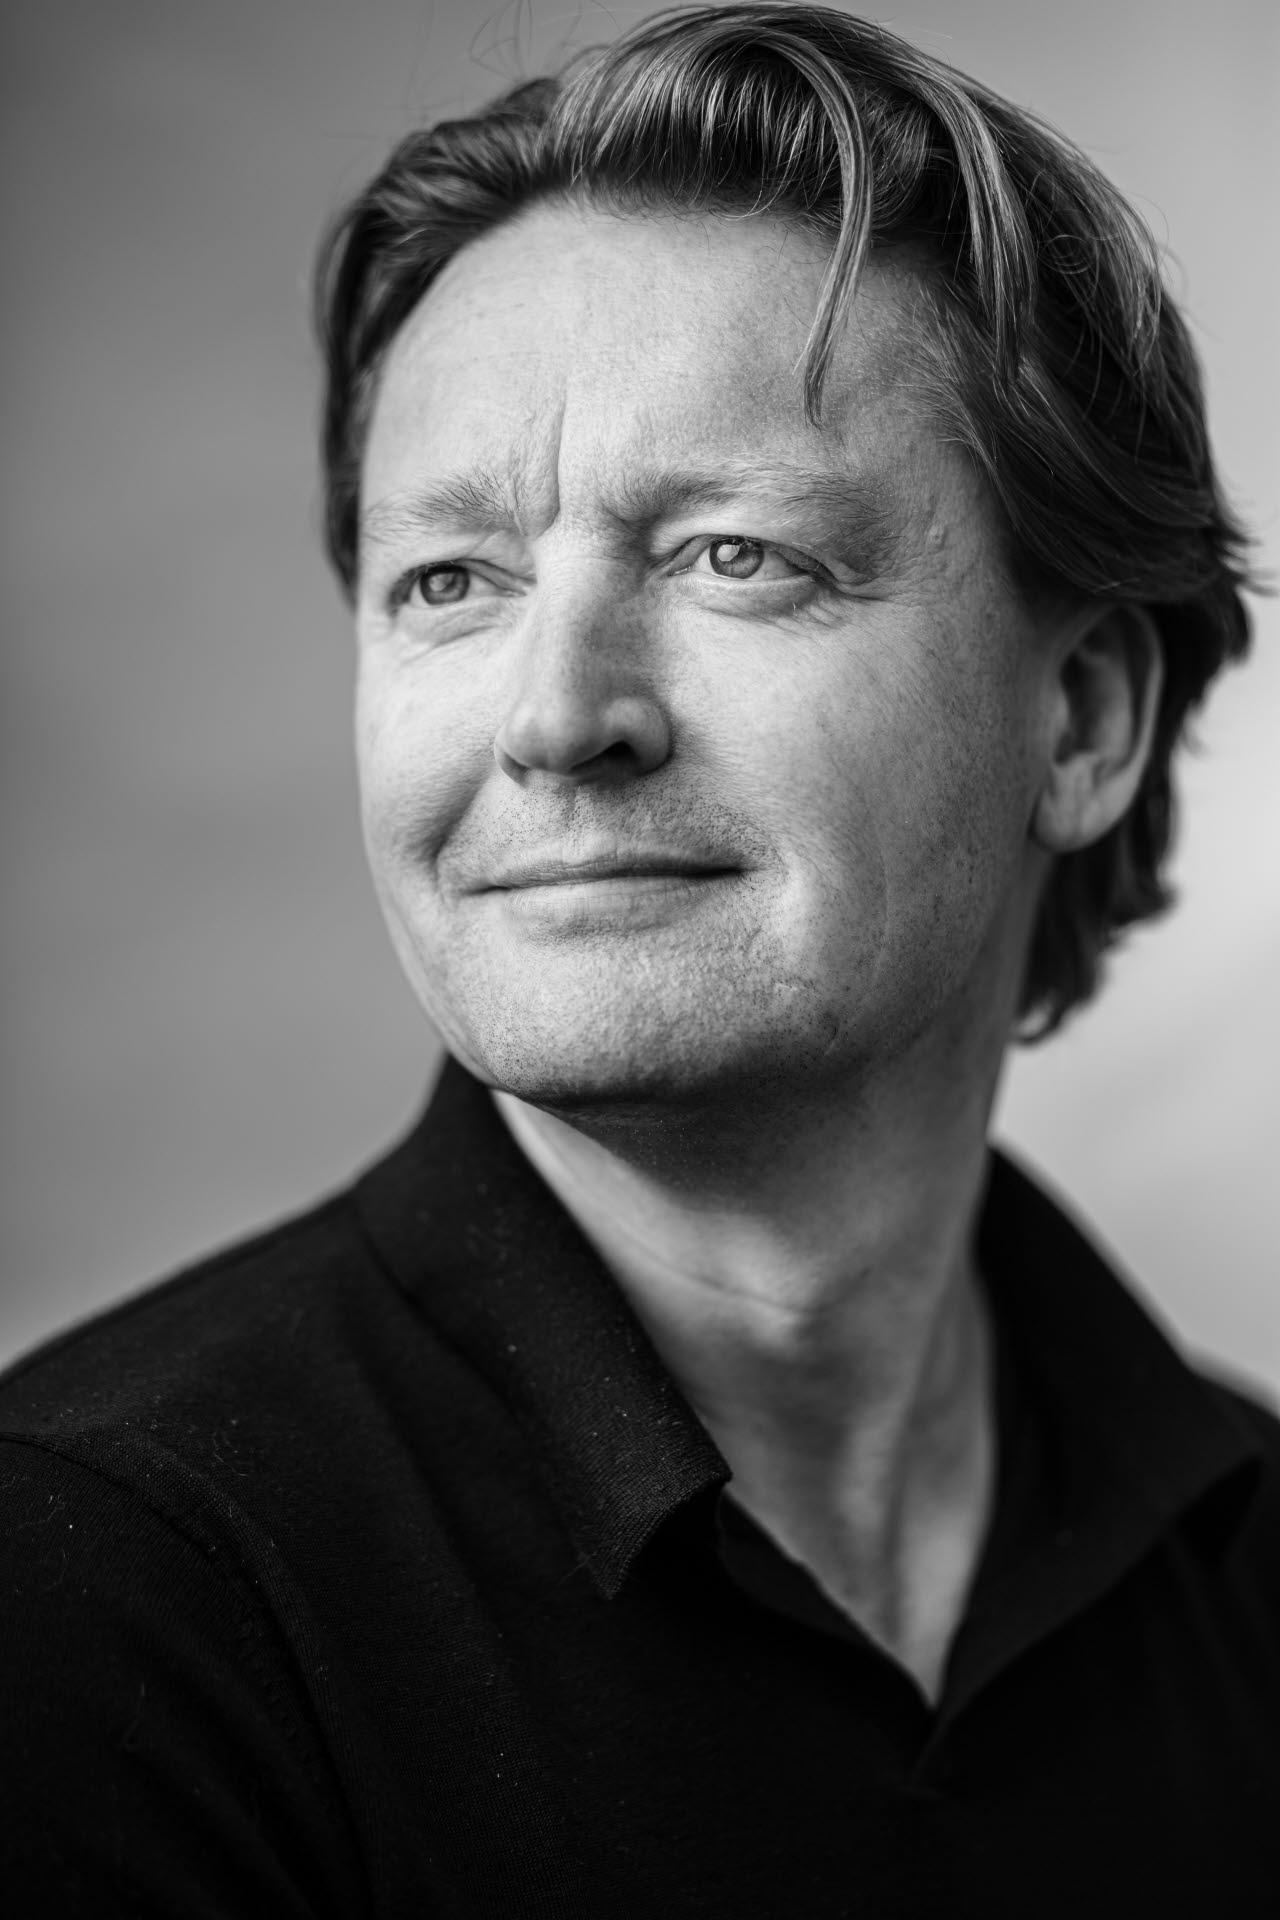 Martijn Roordink